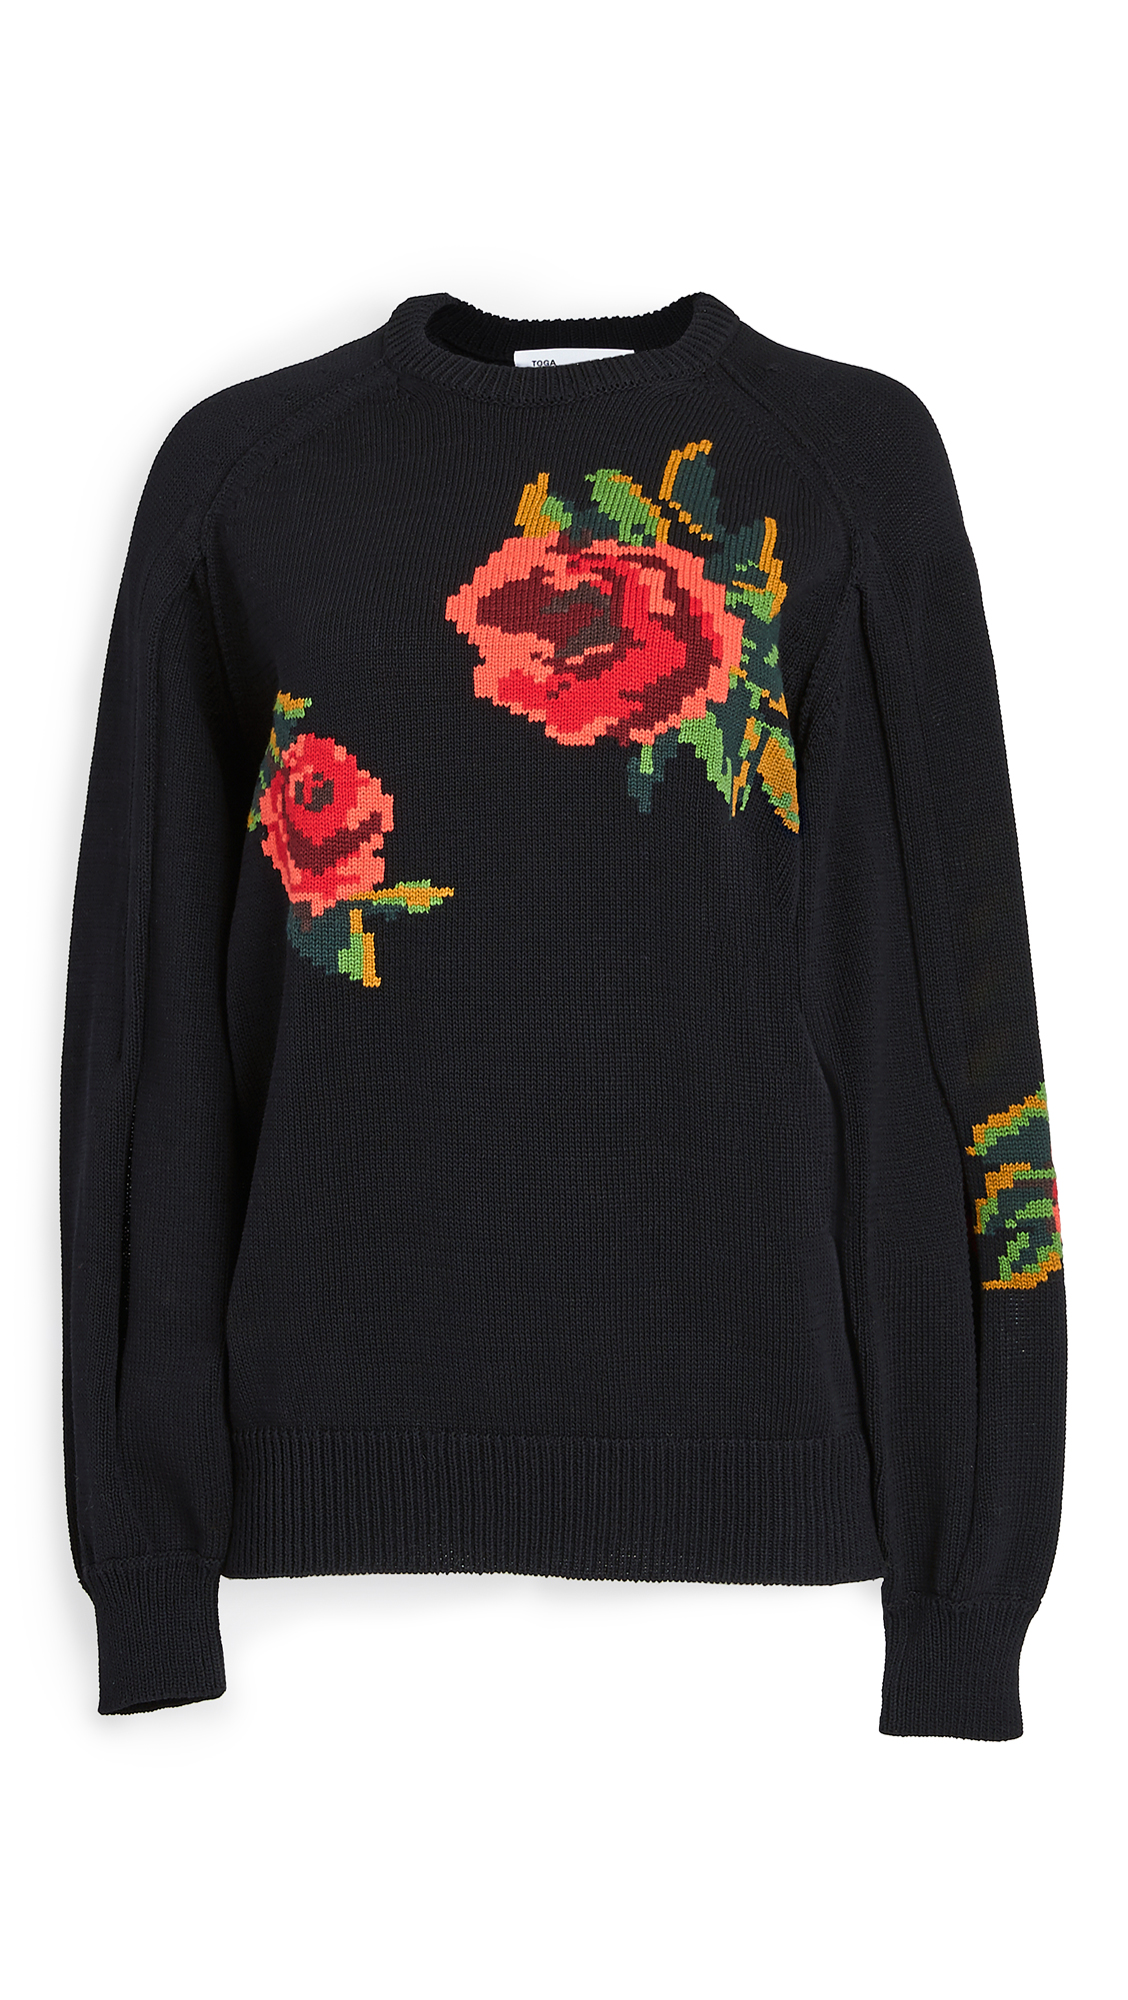 Toga Pulla Intarsia Knit Pullover